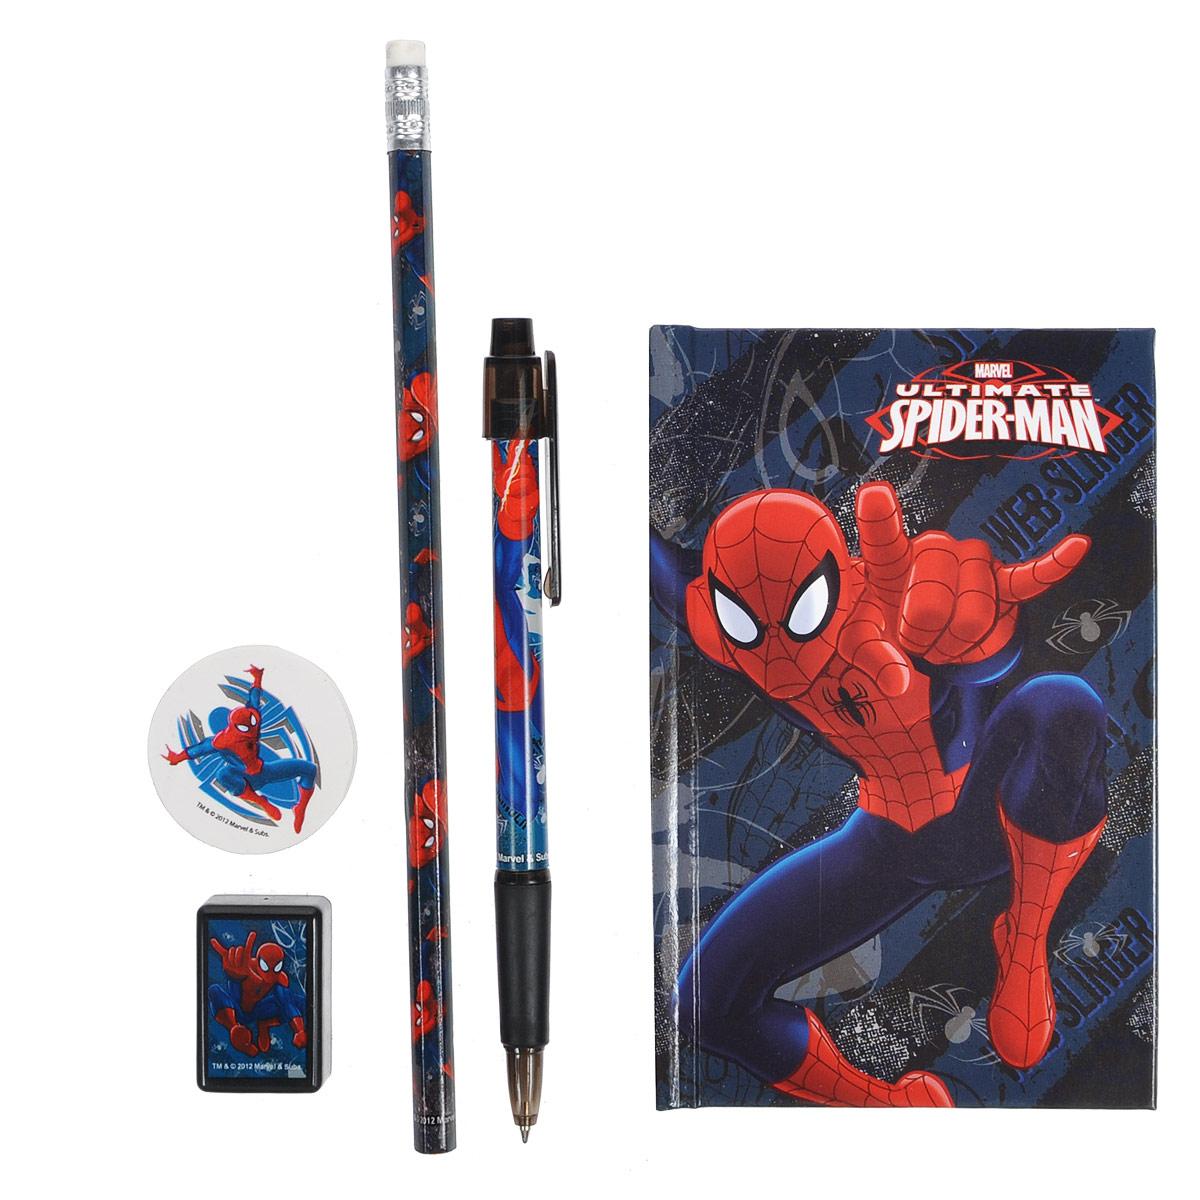 Канцеляркий набор Spider-man, 5 предметовSMAB-US1-360Канцелярский набор Spider-man станет незаменимым атрибутом в учебе любого школьника.Он включает в себя блокнот, чернографитный карандаш с ластиком, точилку, круглый ластик и автоматическую ручку. Блокнот снабжен твердой обложкой, внутренний блок содержит листы в линейку с печатью. Ручка снабжена прорезиненной вставкой в области захвата, подача стержня производится путем нажатия на кнопку в верхней части ручки.Все предметы набора оформлены изображениями Человека-Паука.